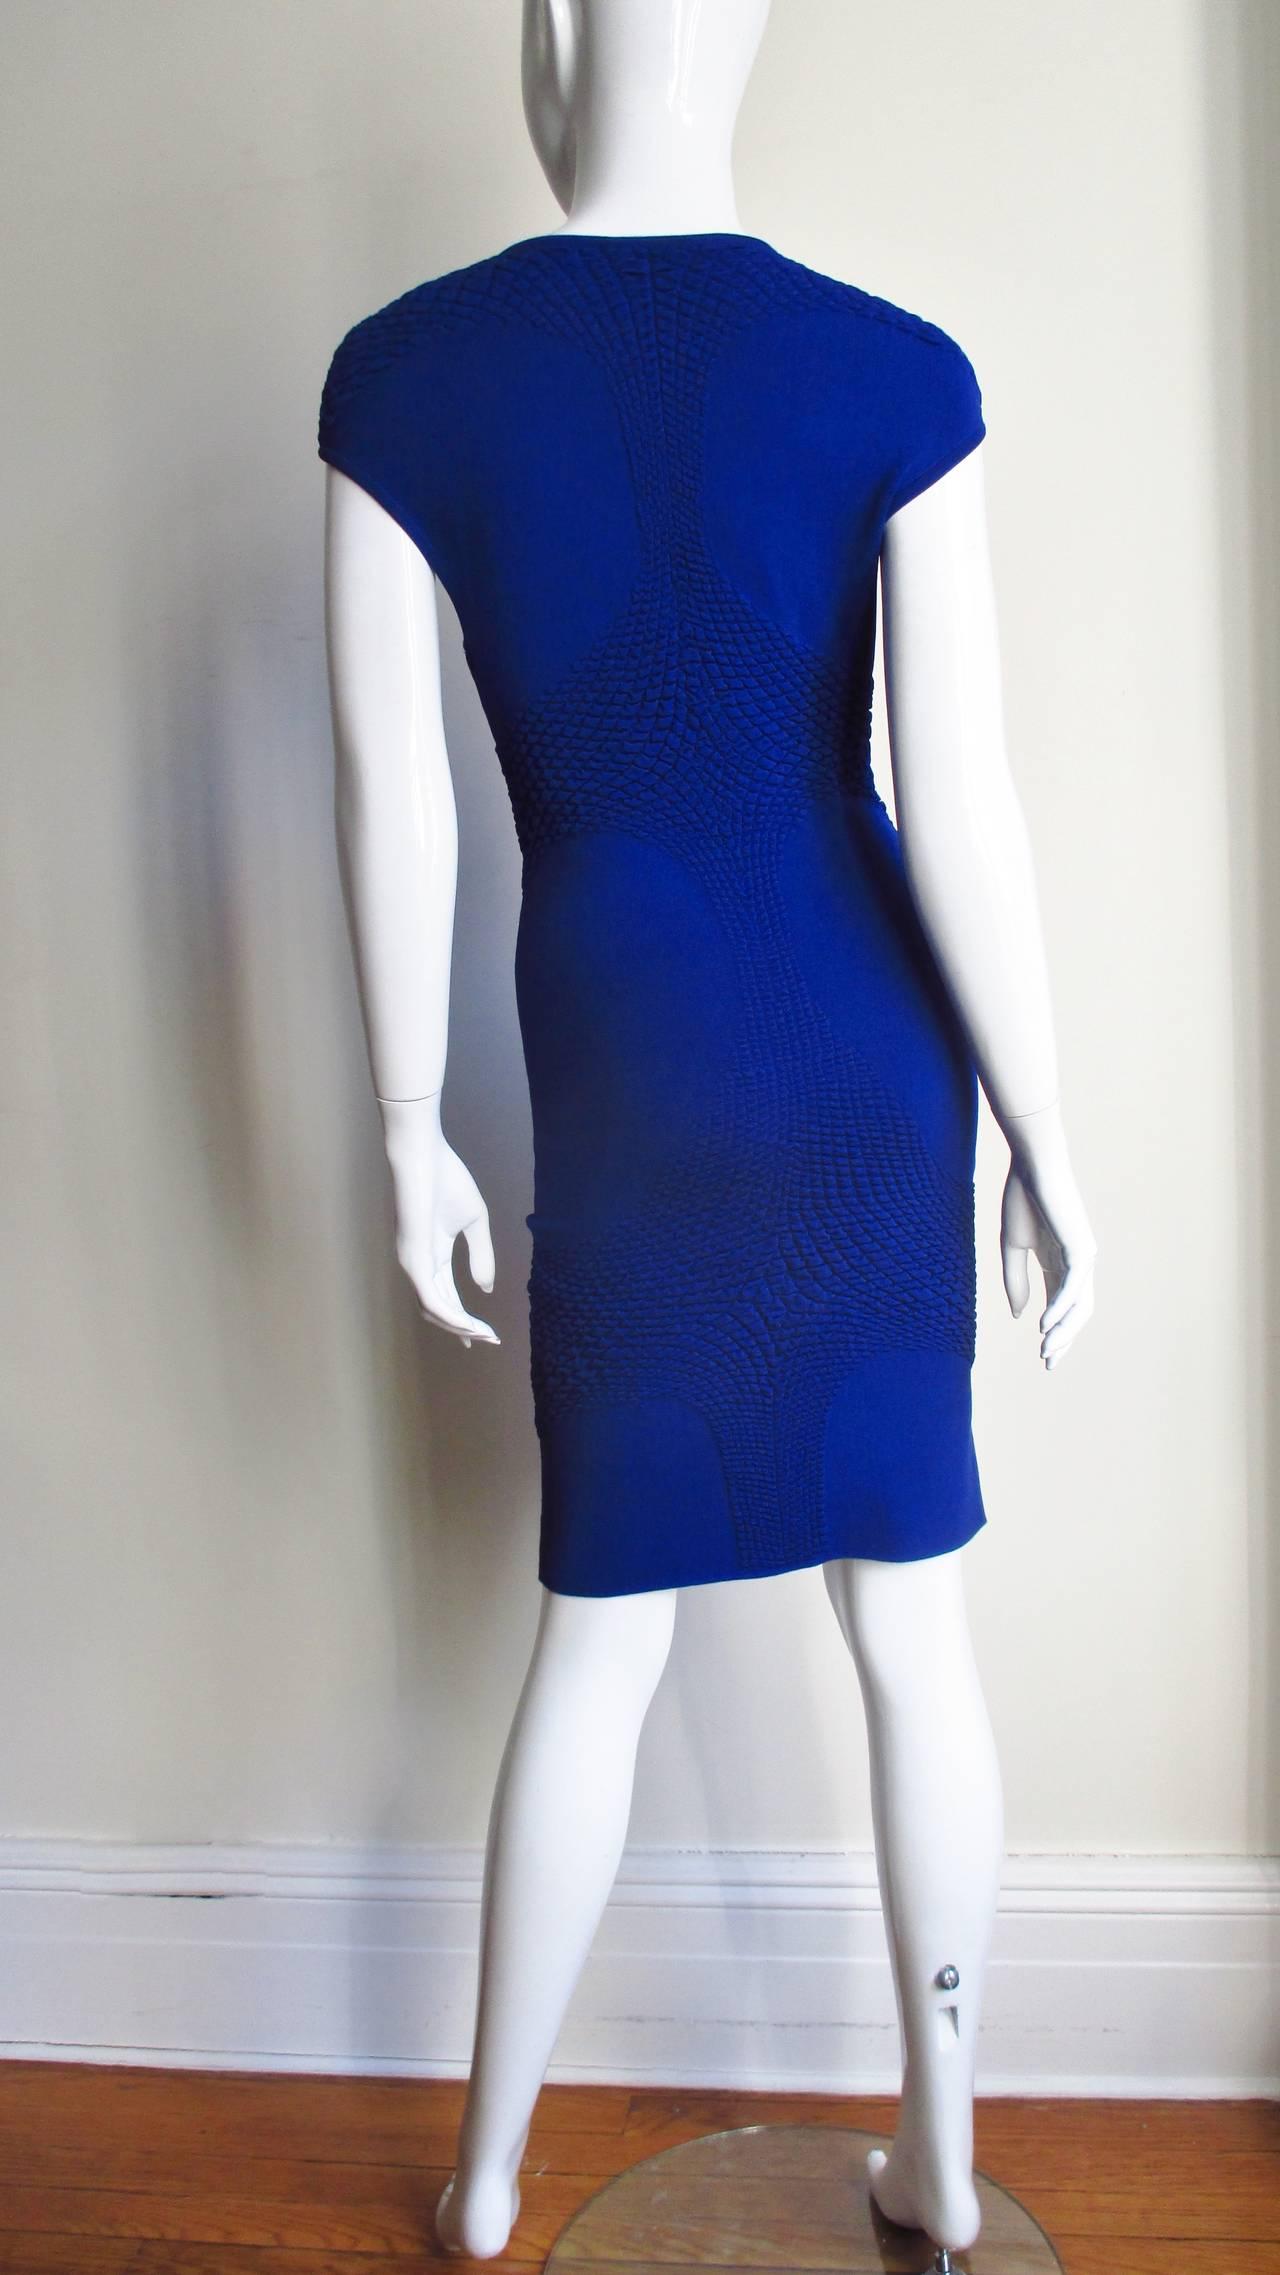 Alexander McQueen Bodycon Dress 9